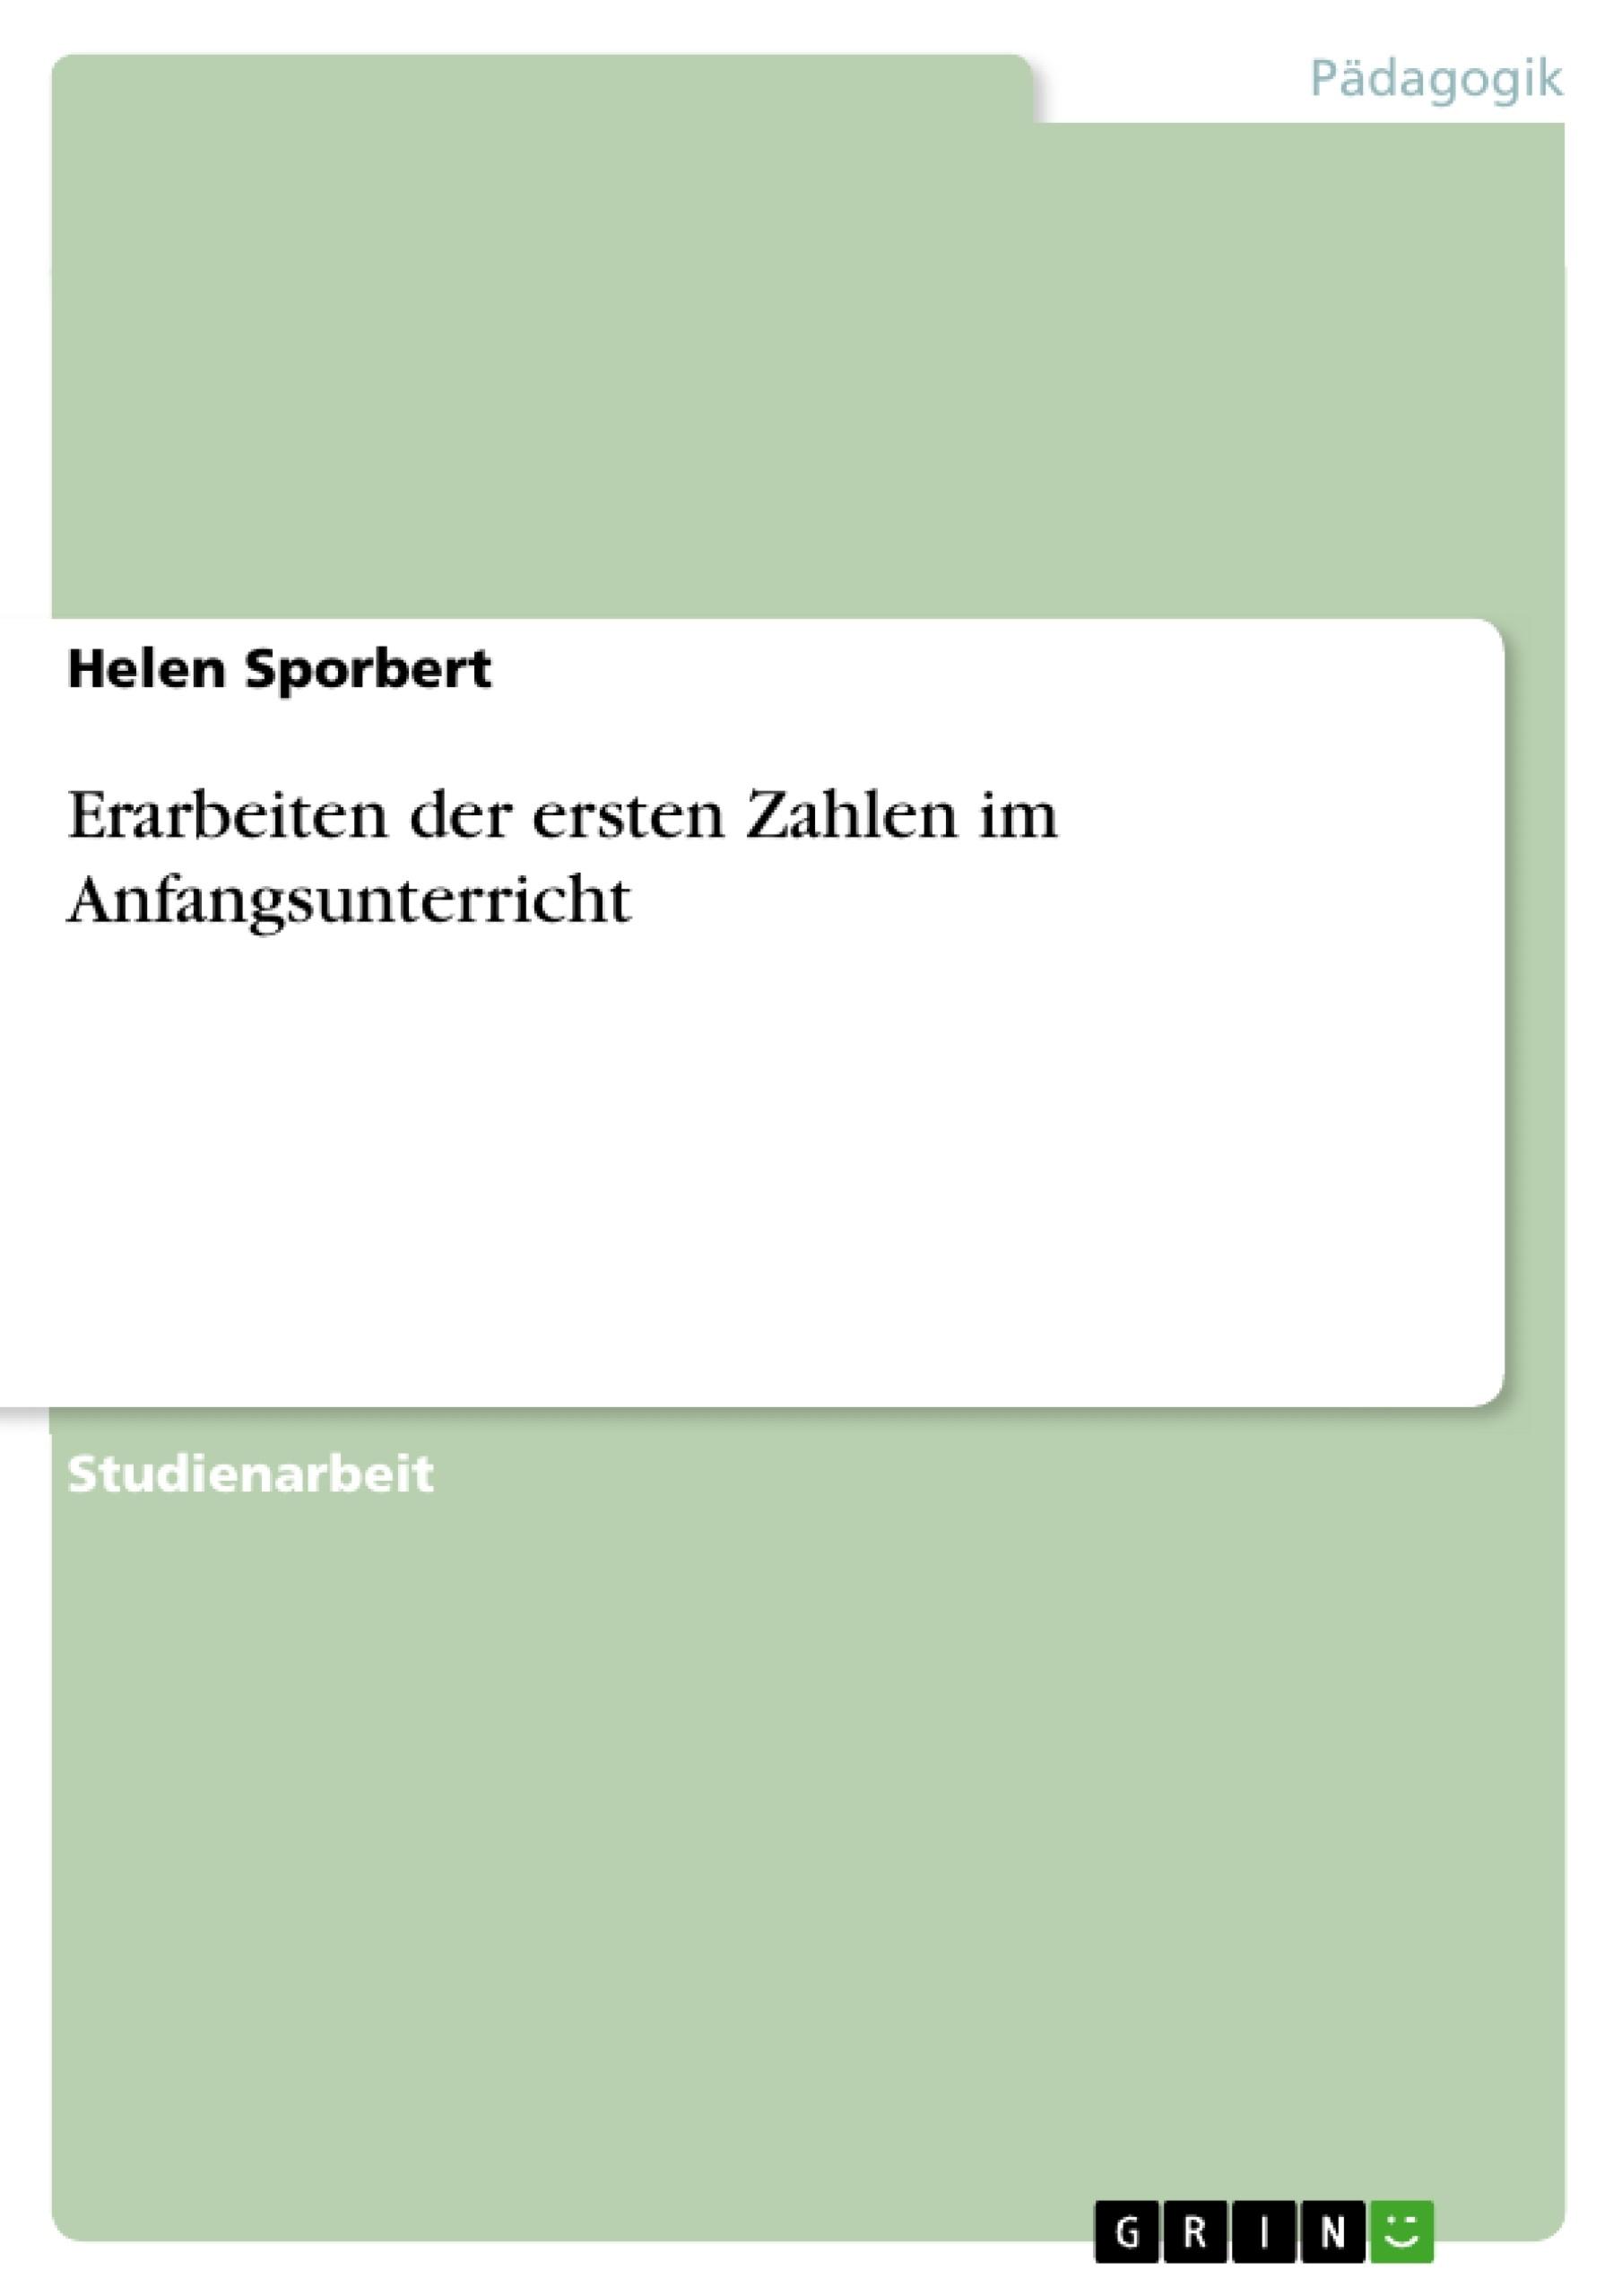 Groß Klassifizierung Der Materie Notizen Arbeitsblatt Antworten ...